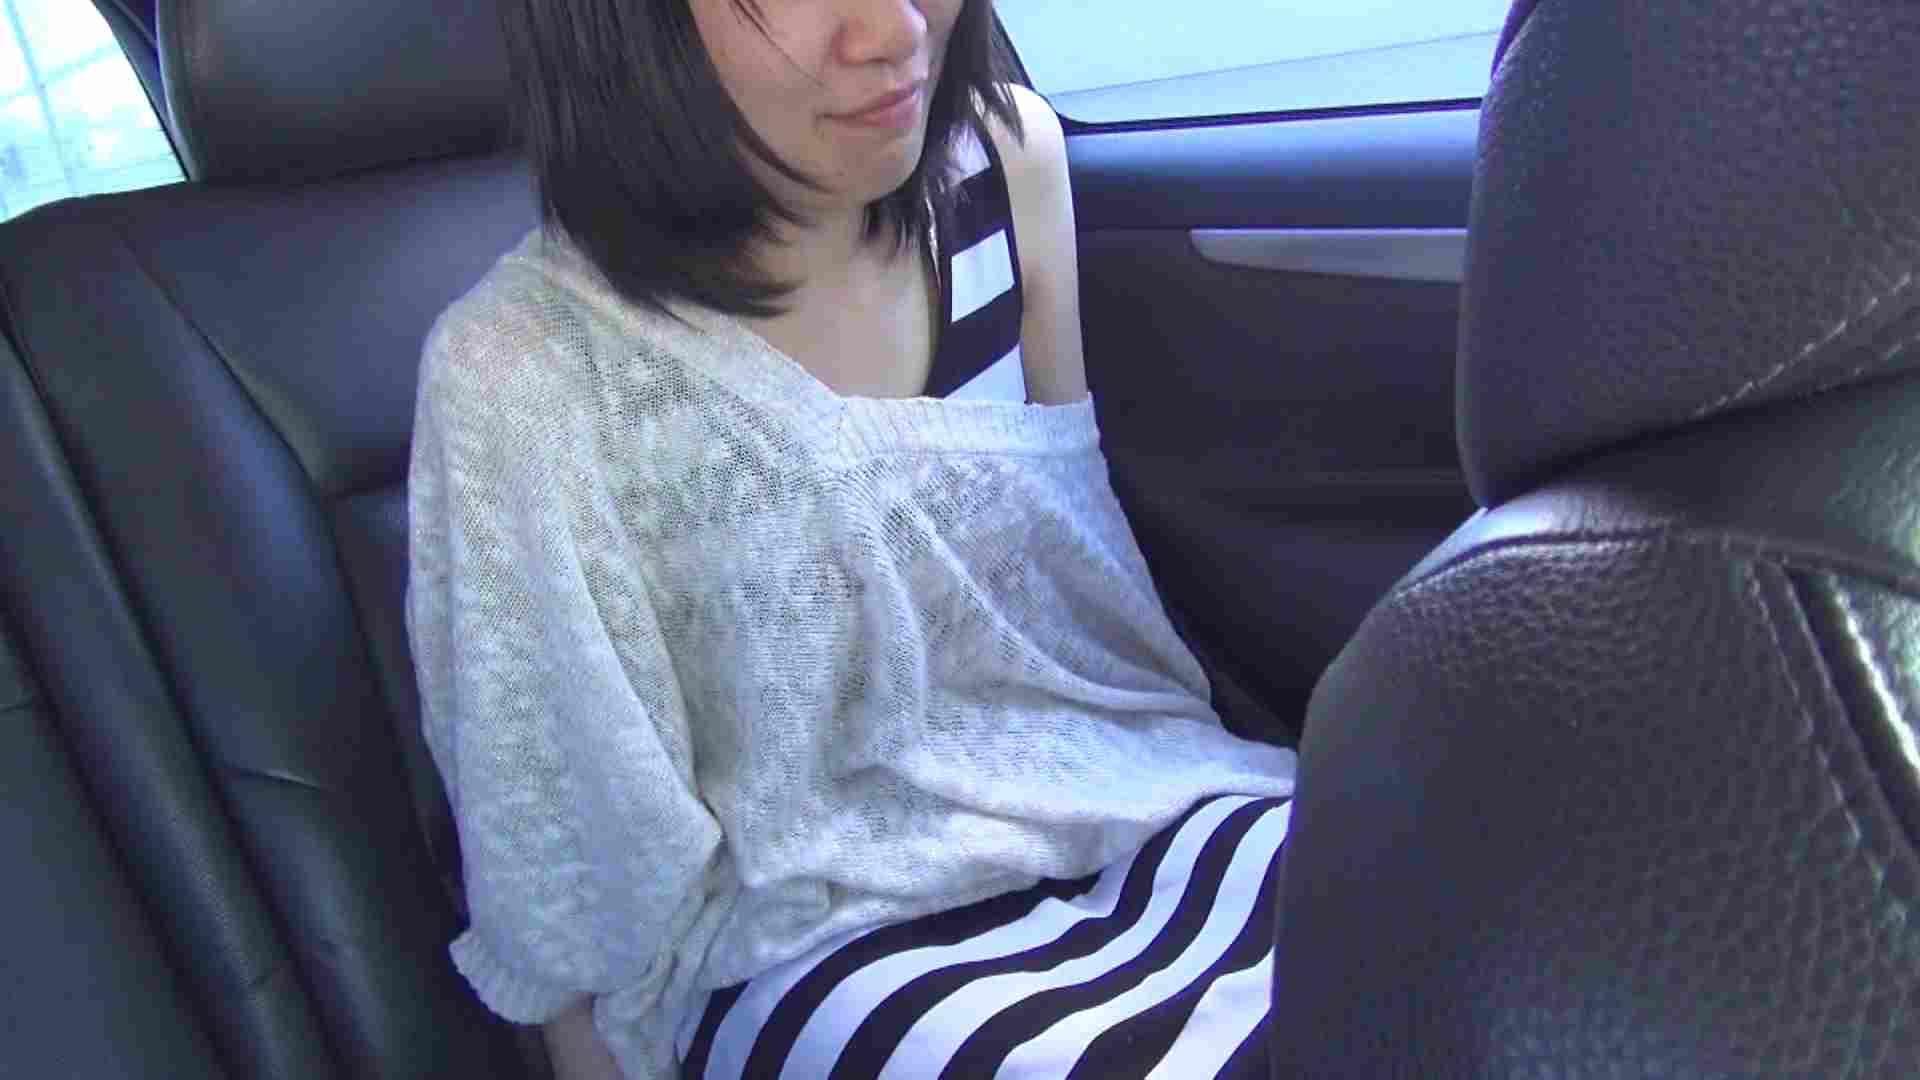 【母の時・01】インタビュー→とびっこ 覗き  64PIX 52